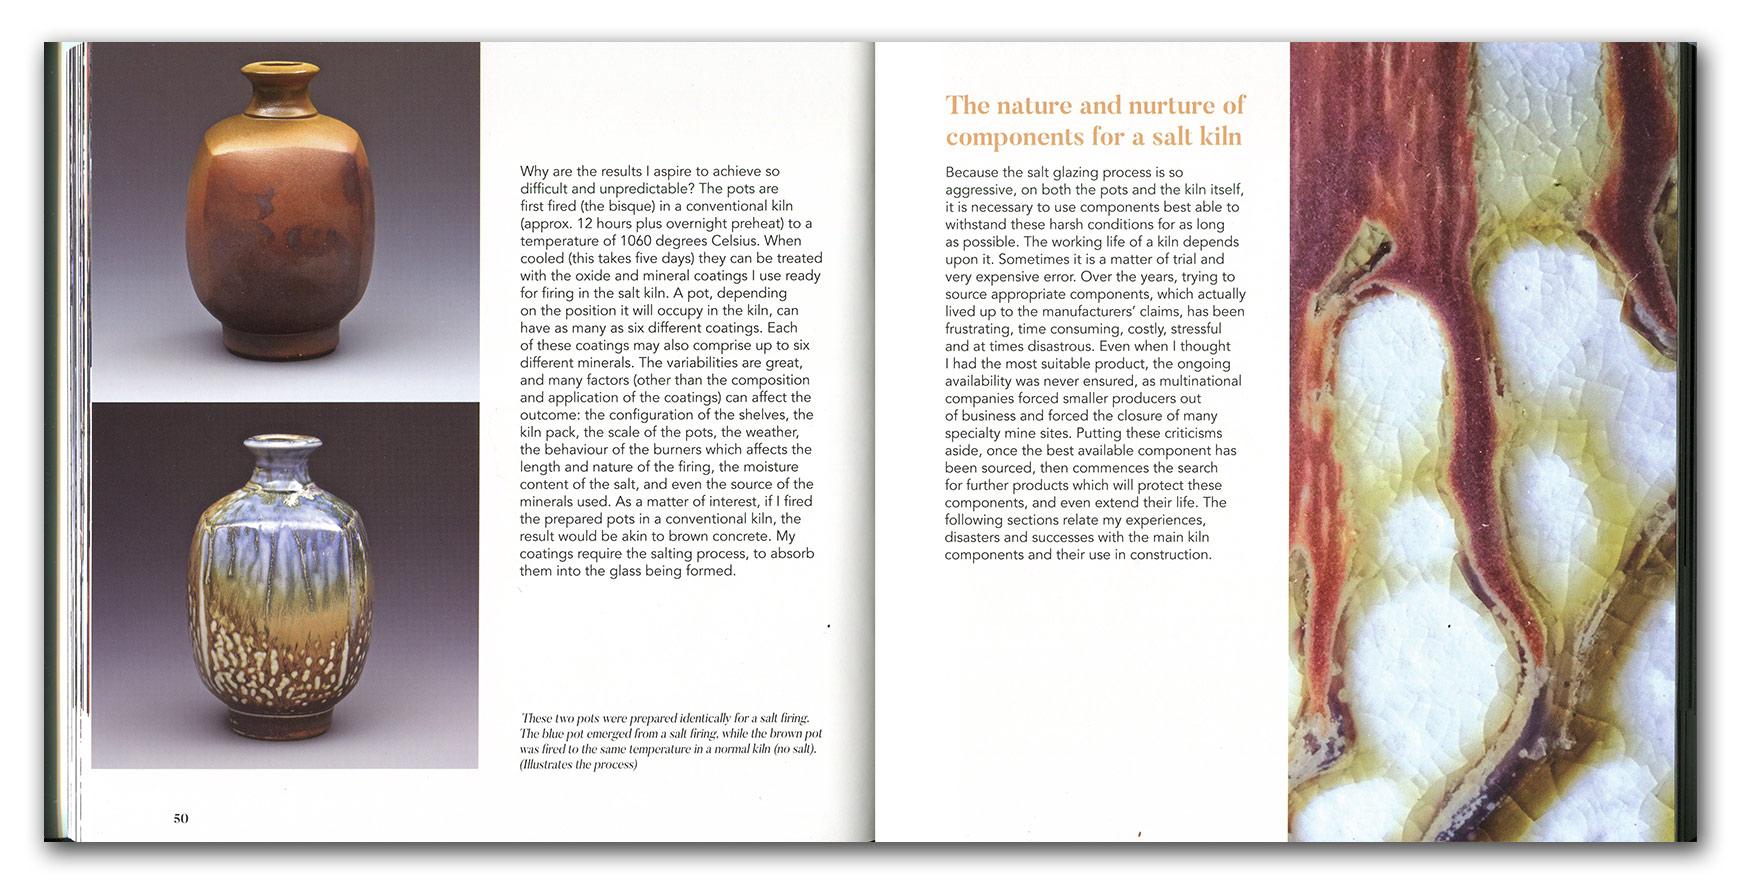 Páginas interiores del libro dedicado a John Dermer